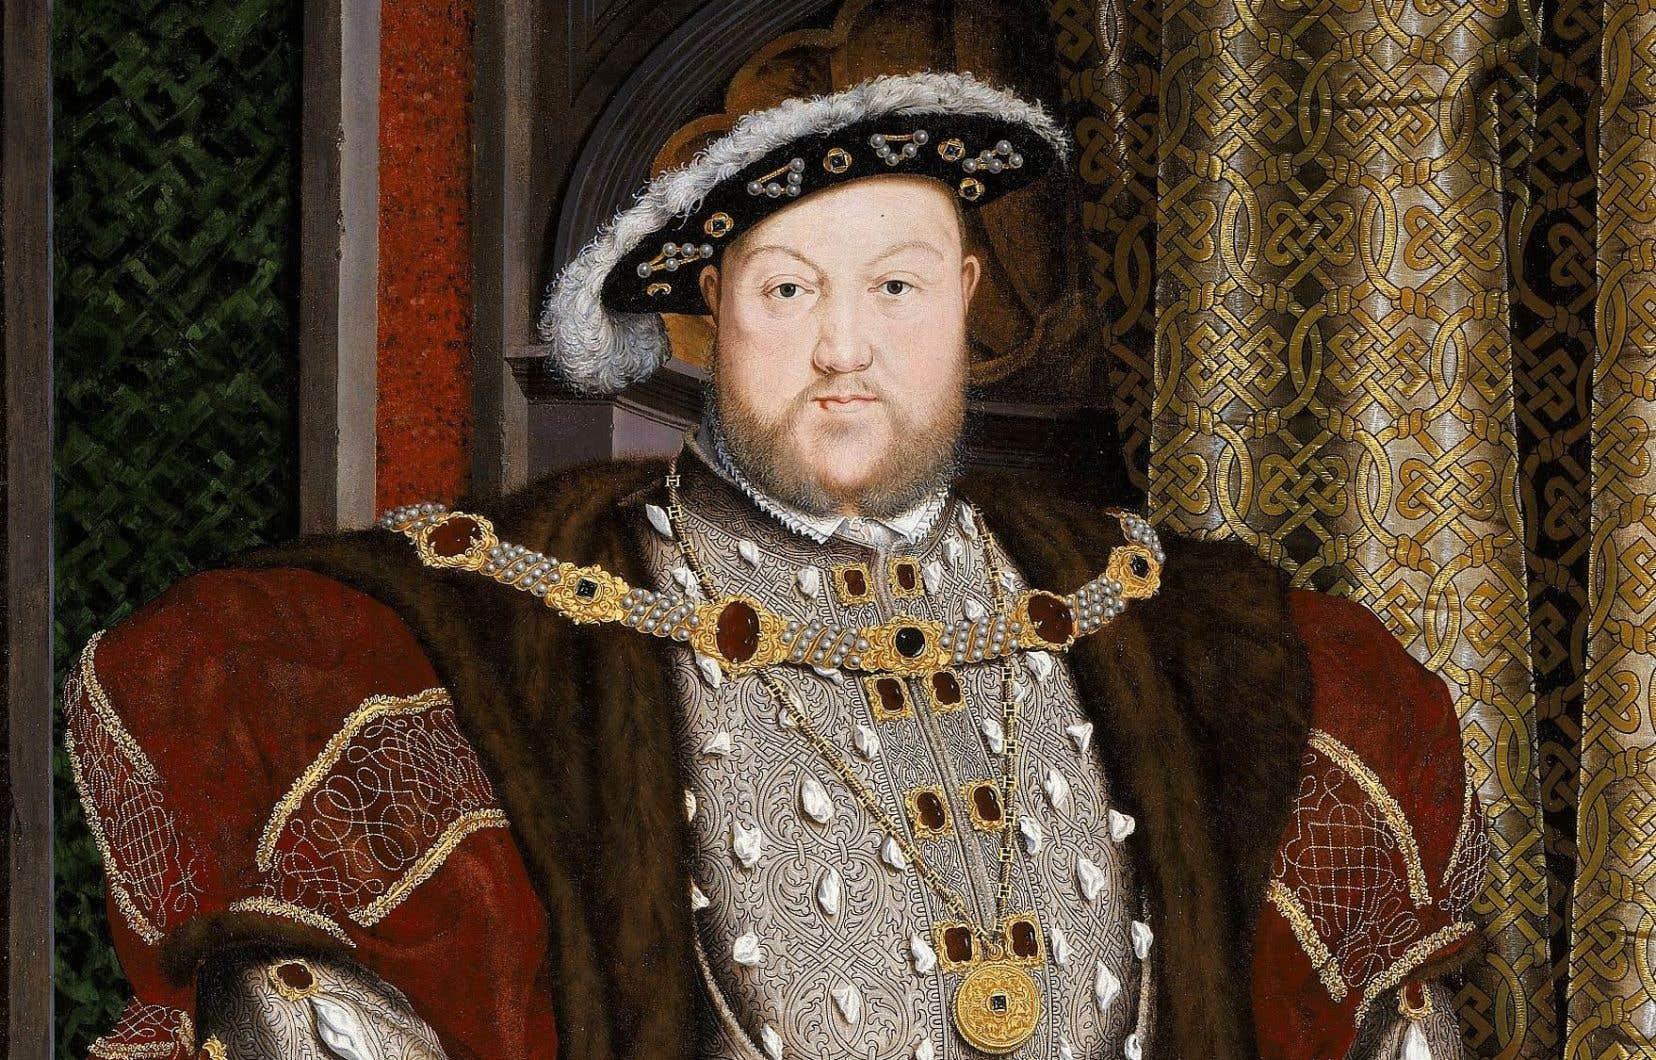 Portrait d'Henri VIII d'après Hans Holbein le Jeune, 1542